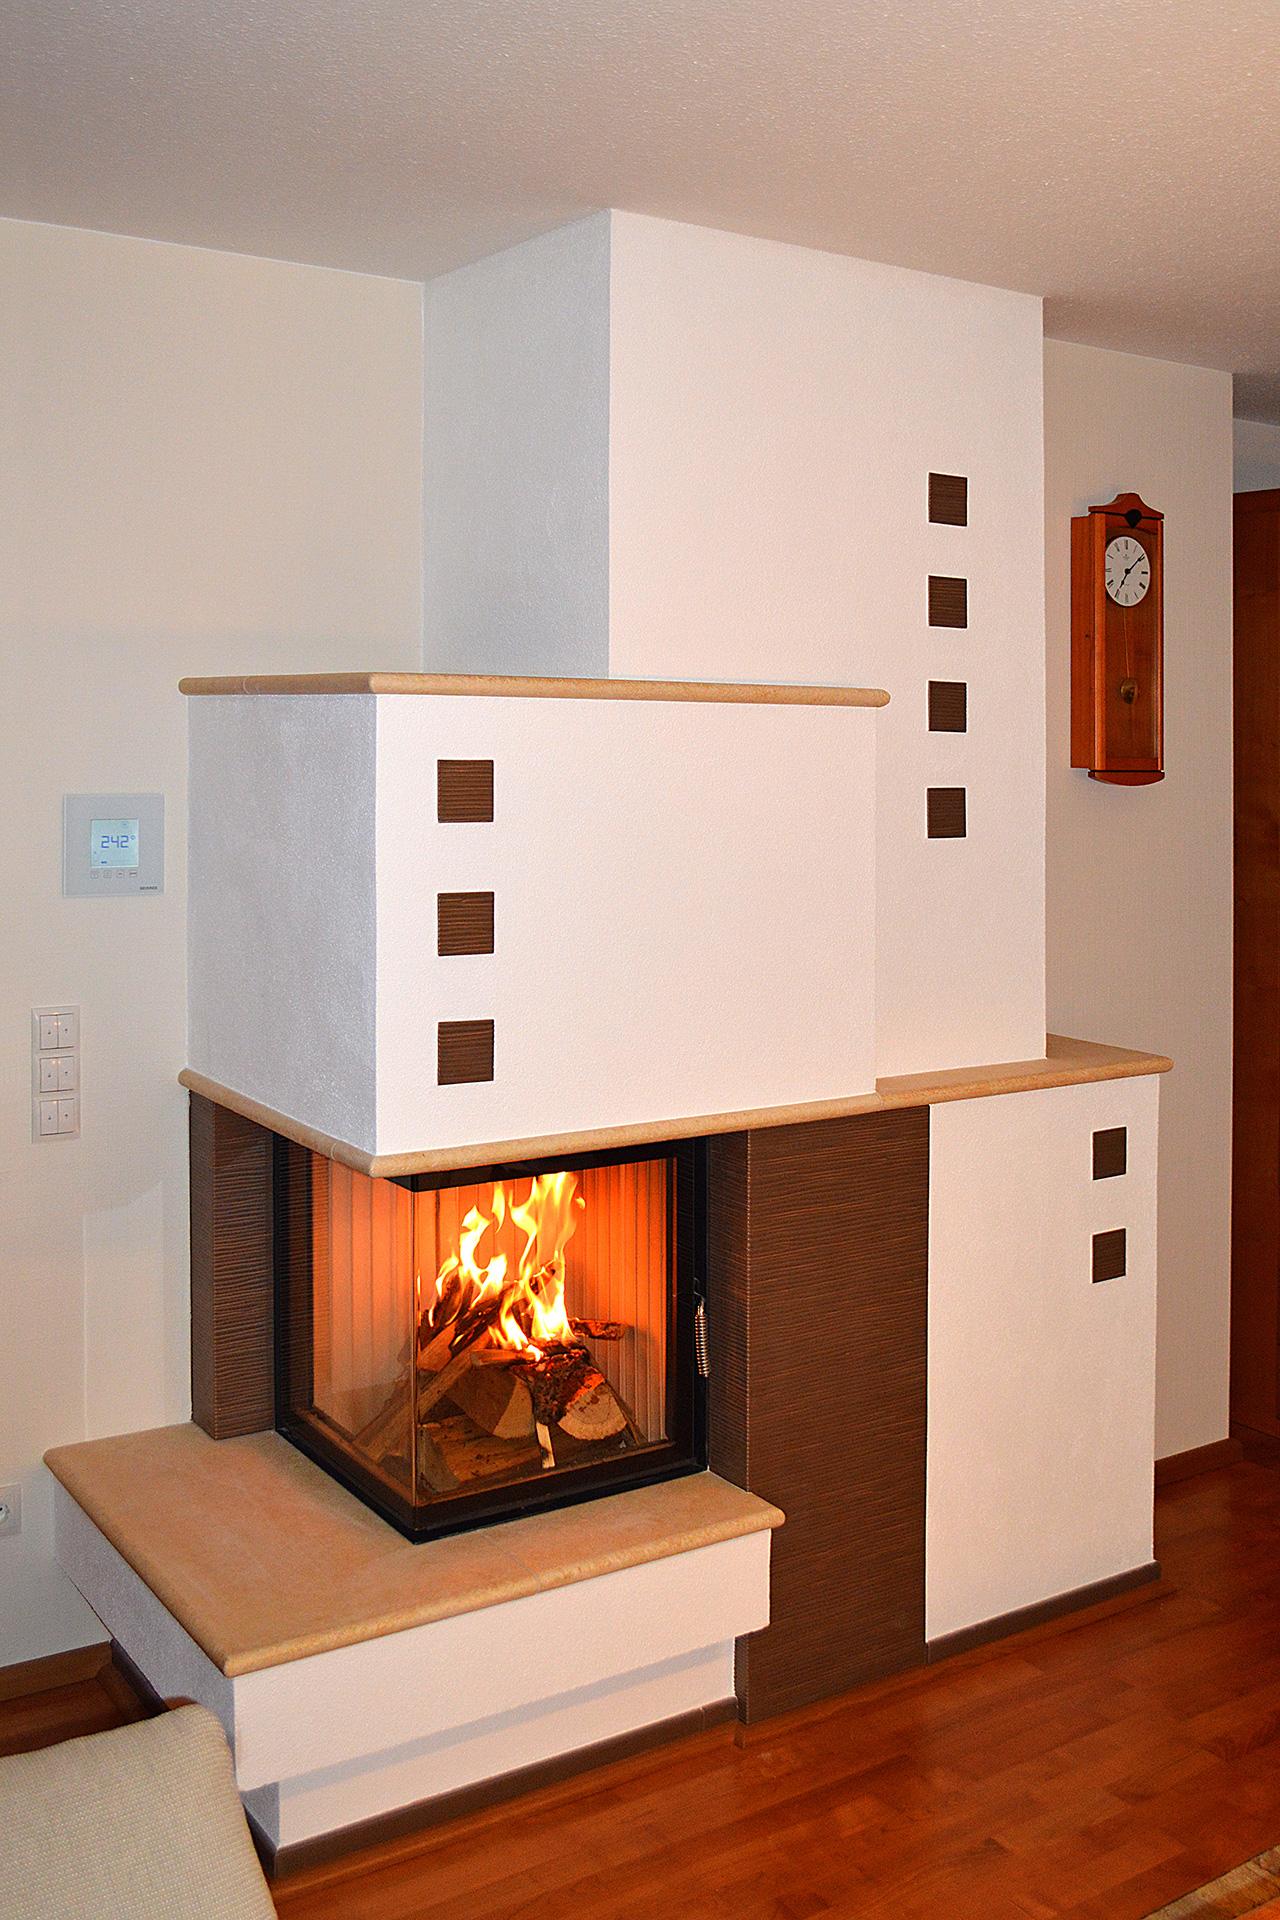 Referenz Ofen- und Kaminbau, Bild 0340